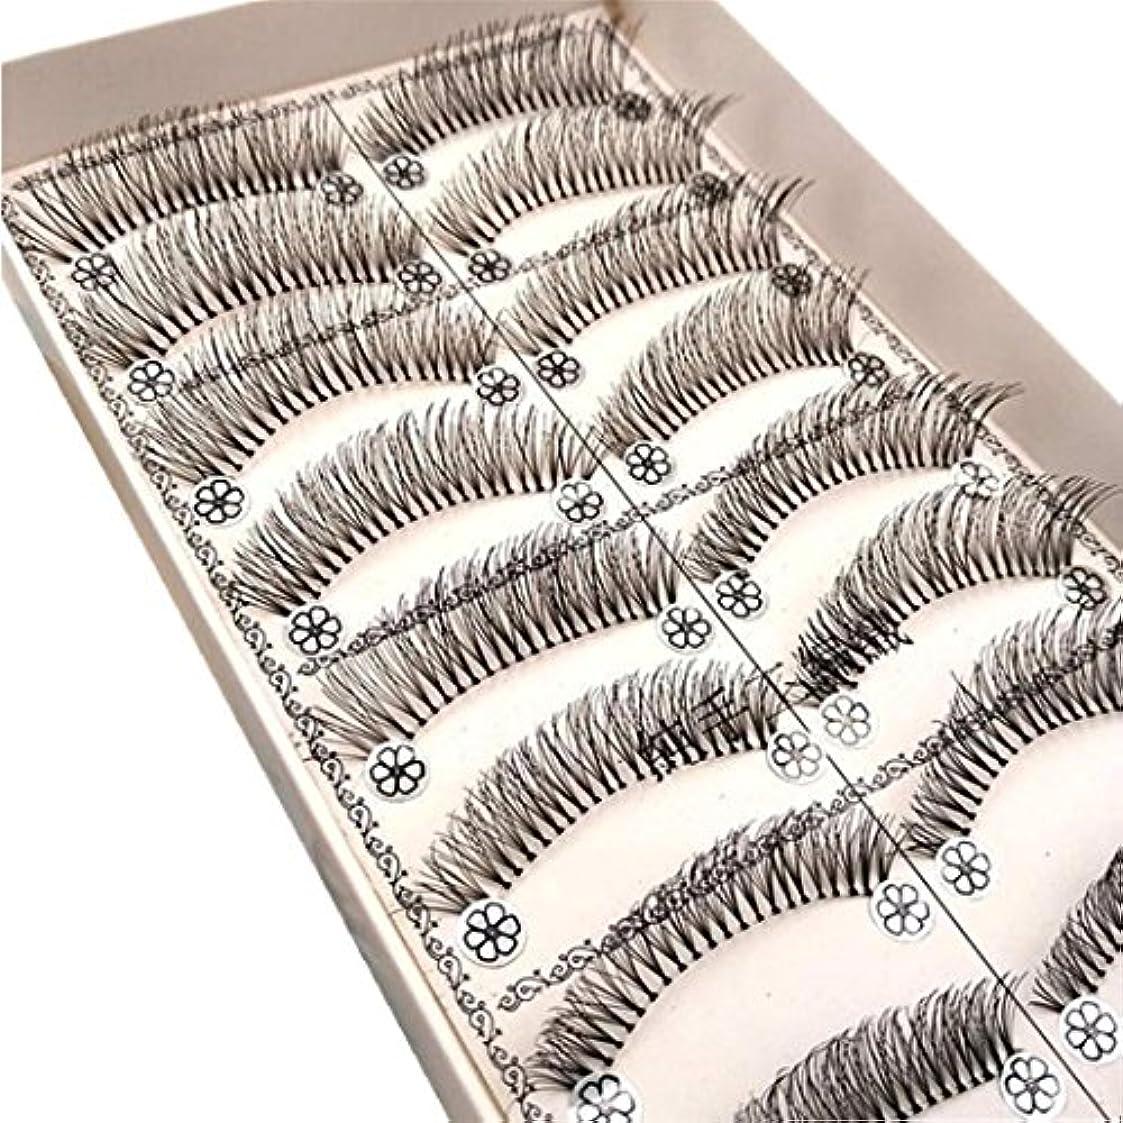 脅迫マーベルカリングFeteso 10組 偽のまつげセット つけまつげ 上まつげ Eyelashes アイラッシュ ビューティー まつげエクステ レディース 化粧ツール アイメイクアップ 人気 ナチュラル 飾り 再利用可能 濃密 柔らかい